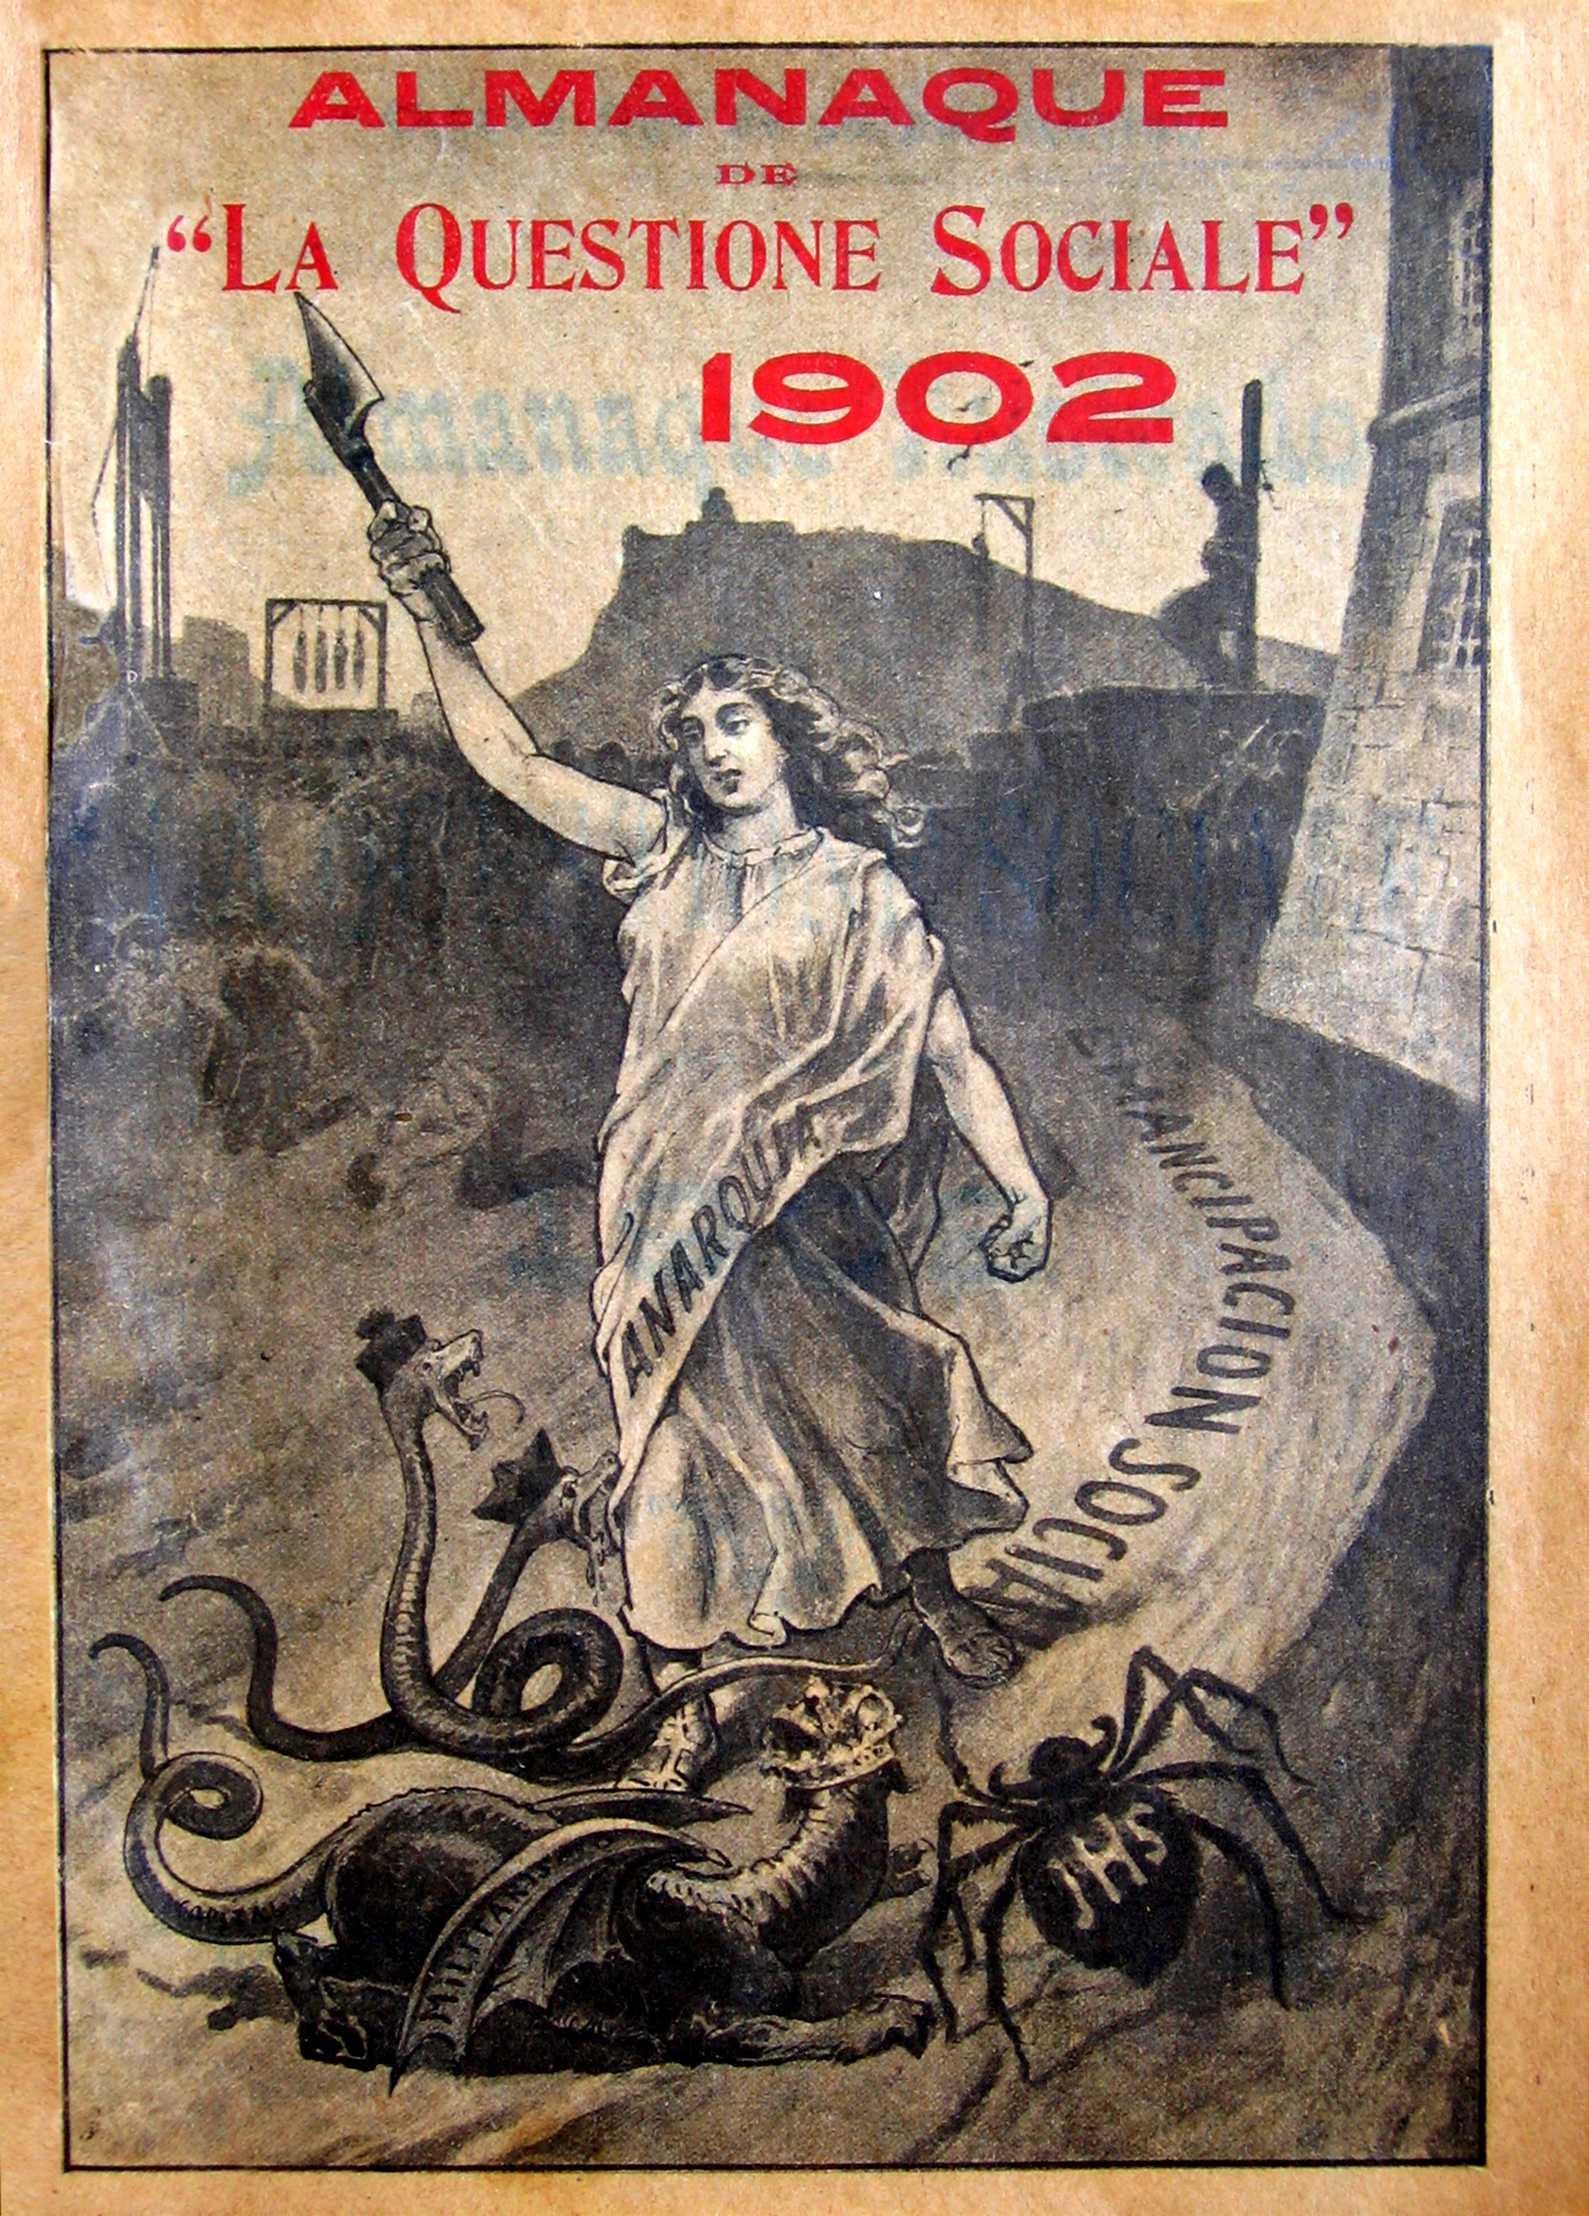 """Almanaque de """"La Questione Sociale"""" (1902)"""